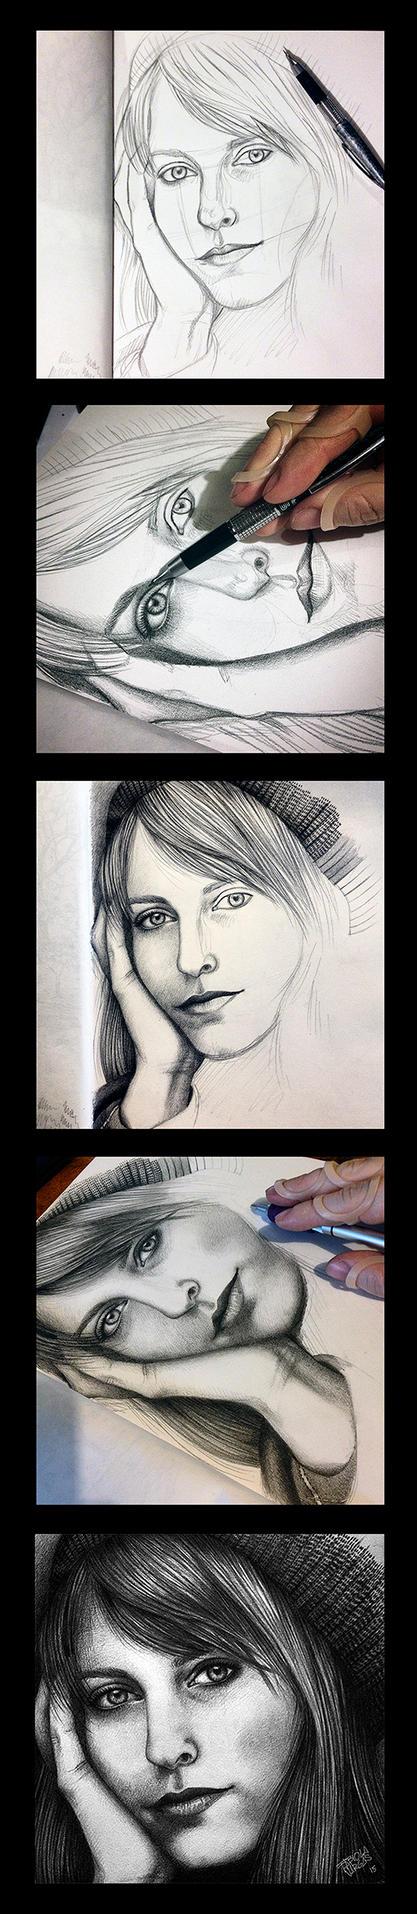 Susanne Sundfor Progression by Taurina